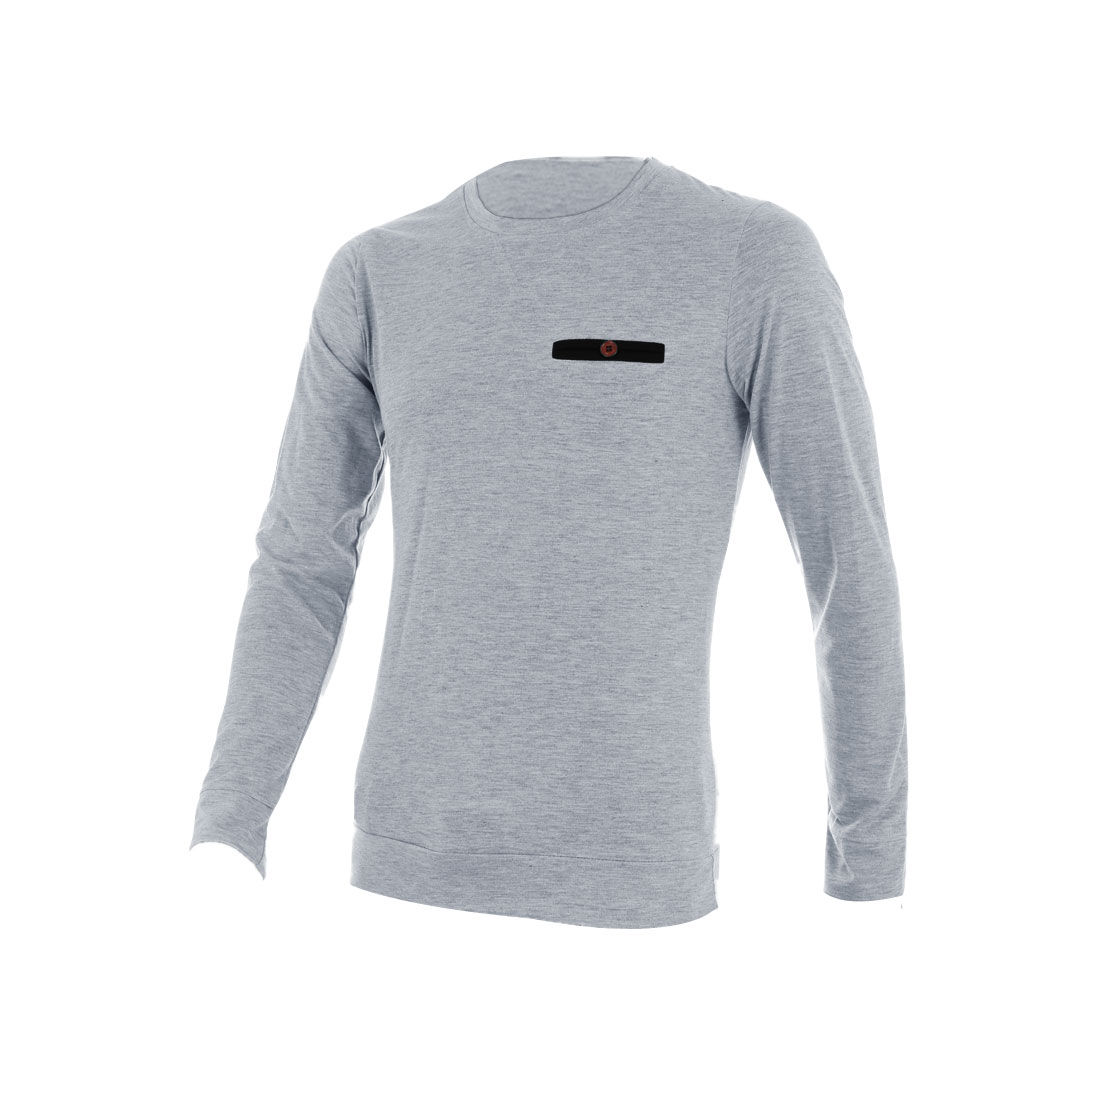 Men Pullover Long Sleeve Ribbing Shirt Light Gray M